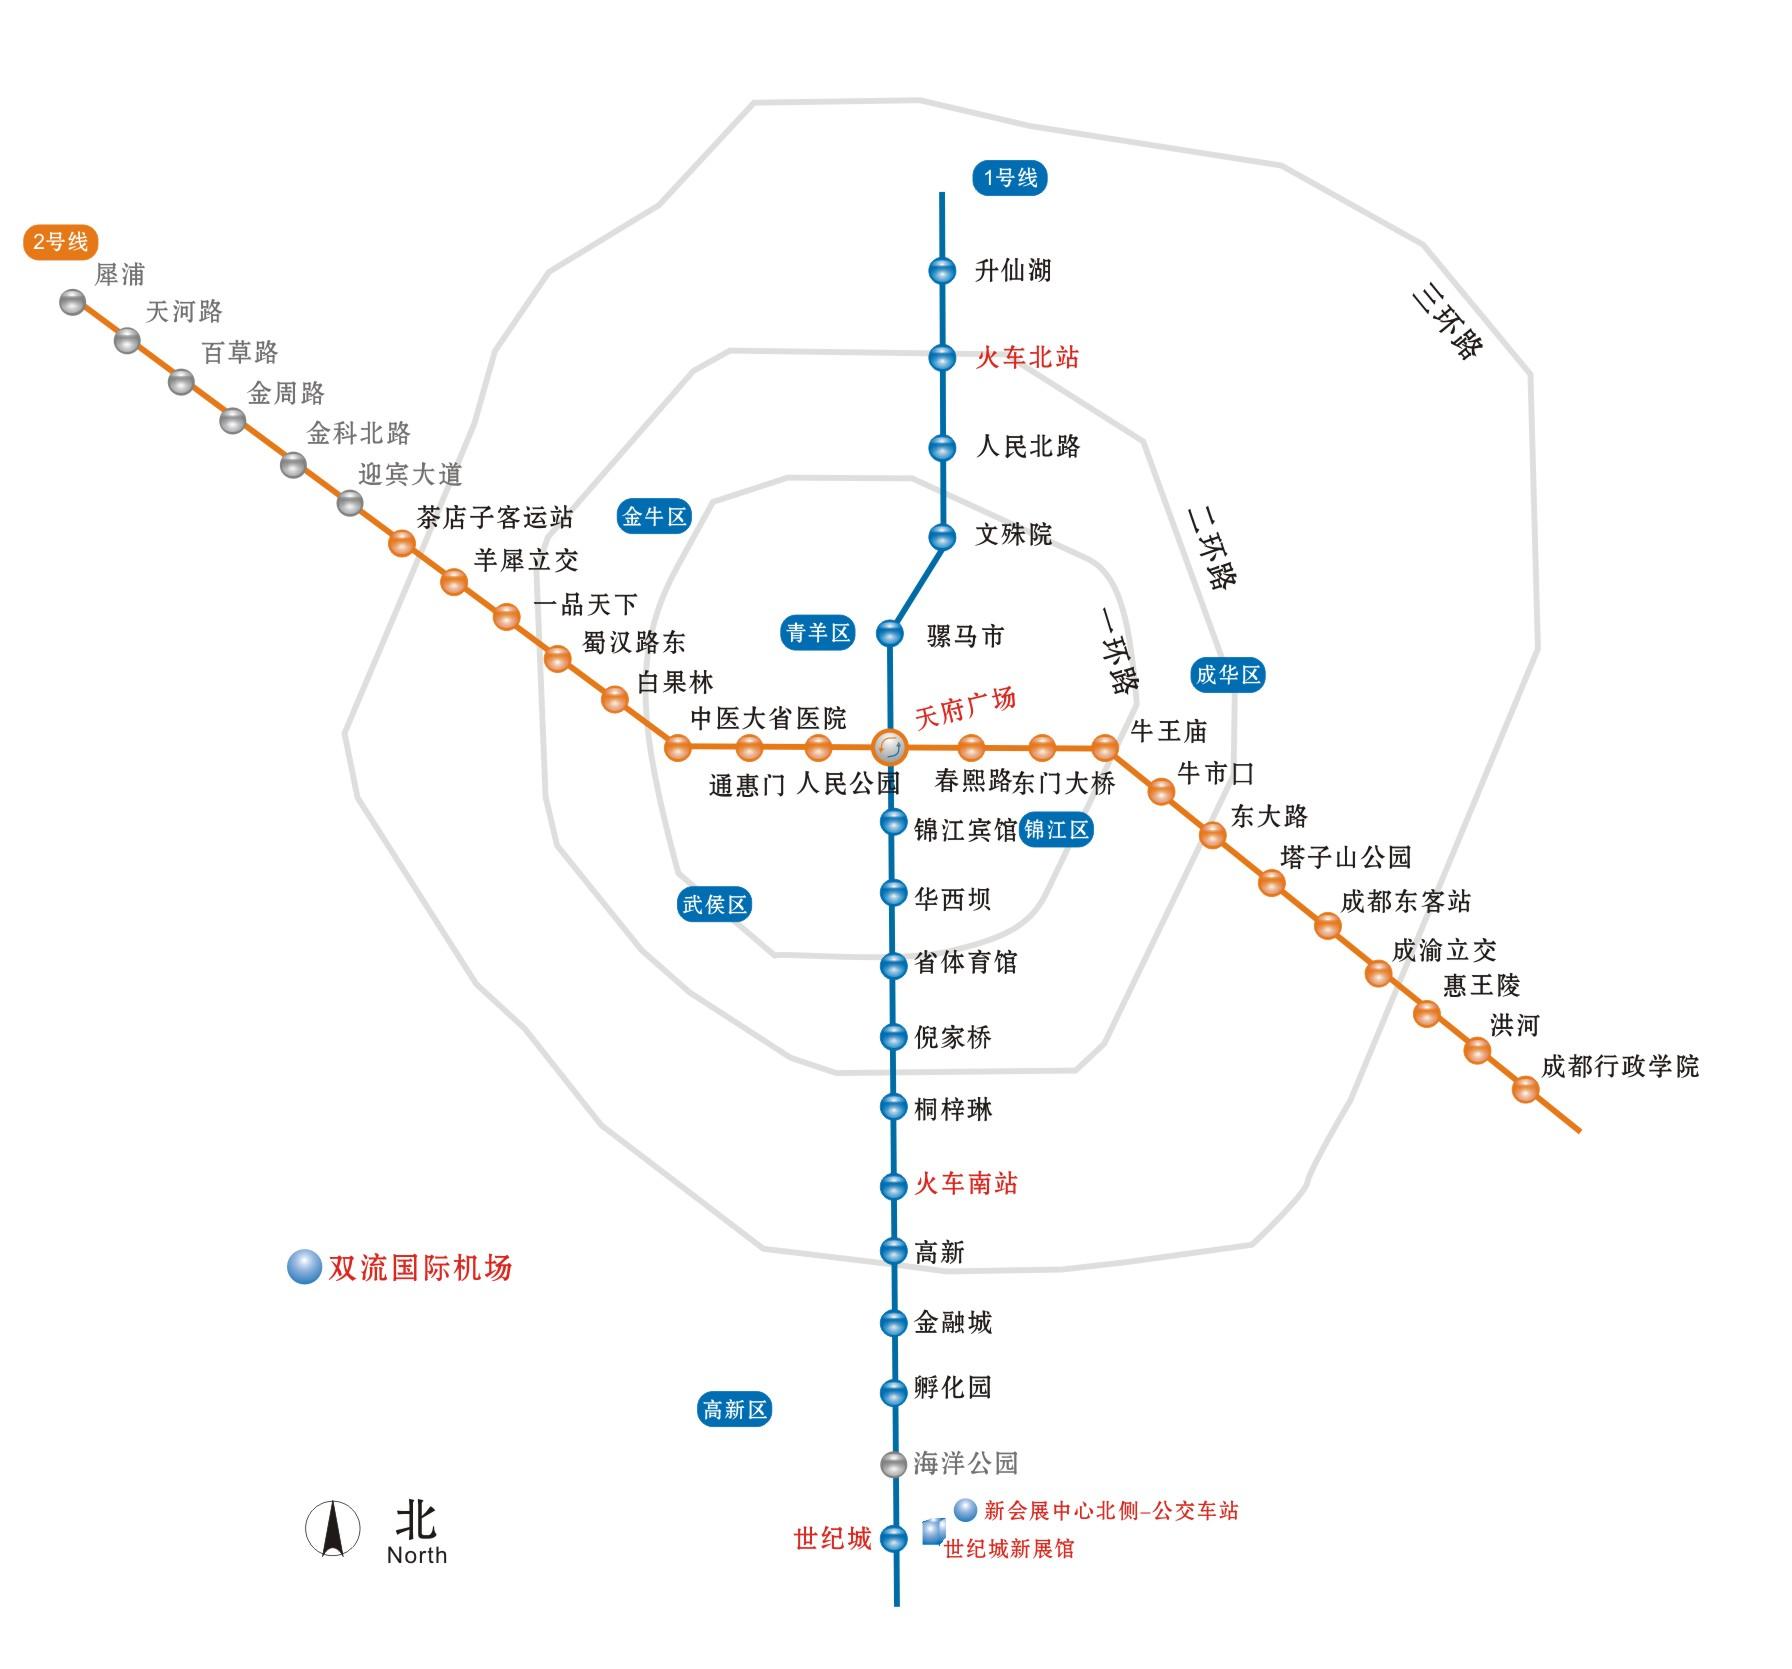 成都地铁2号线开通_成都地铁规划图_成都地铁规划线路图_成都地铁规图片